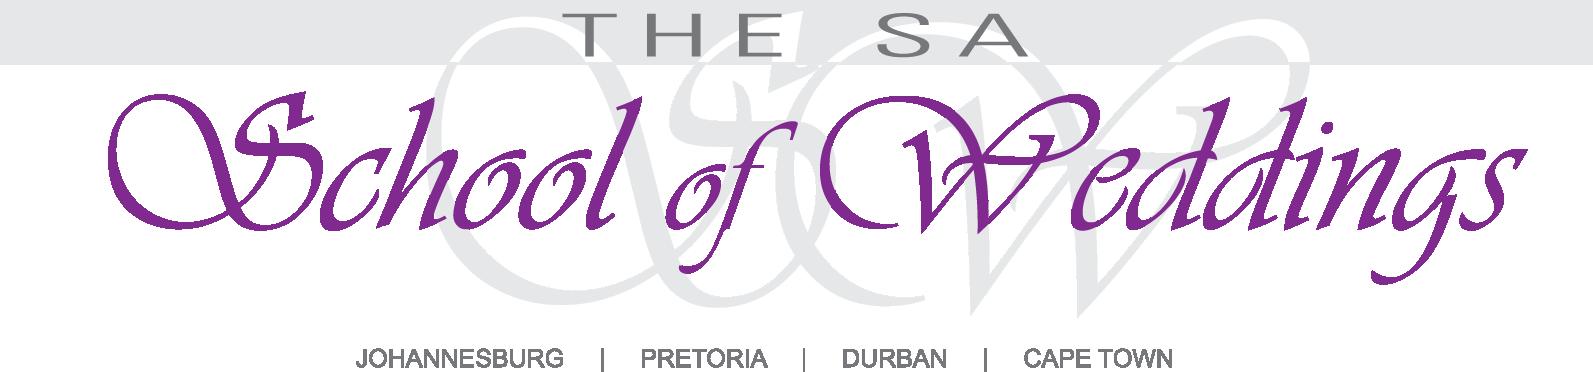 SA School of Weddings